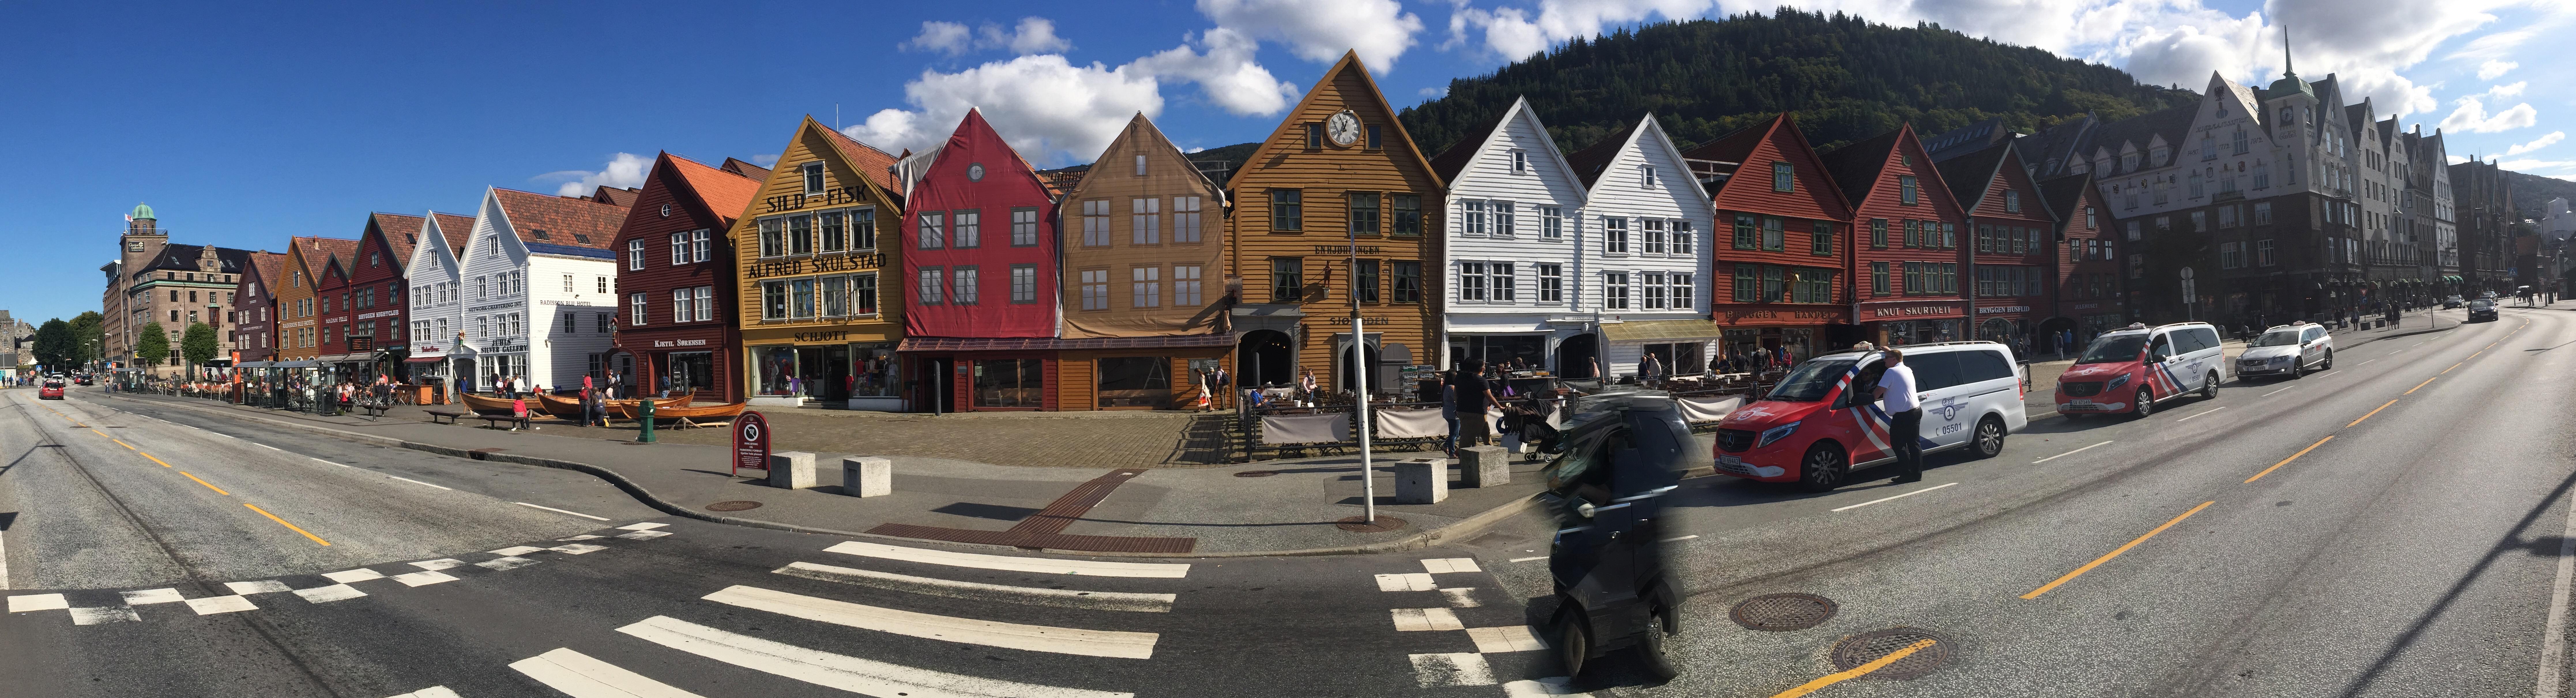 Bryggen panorama